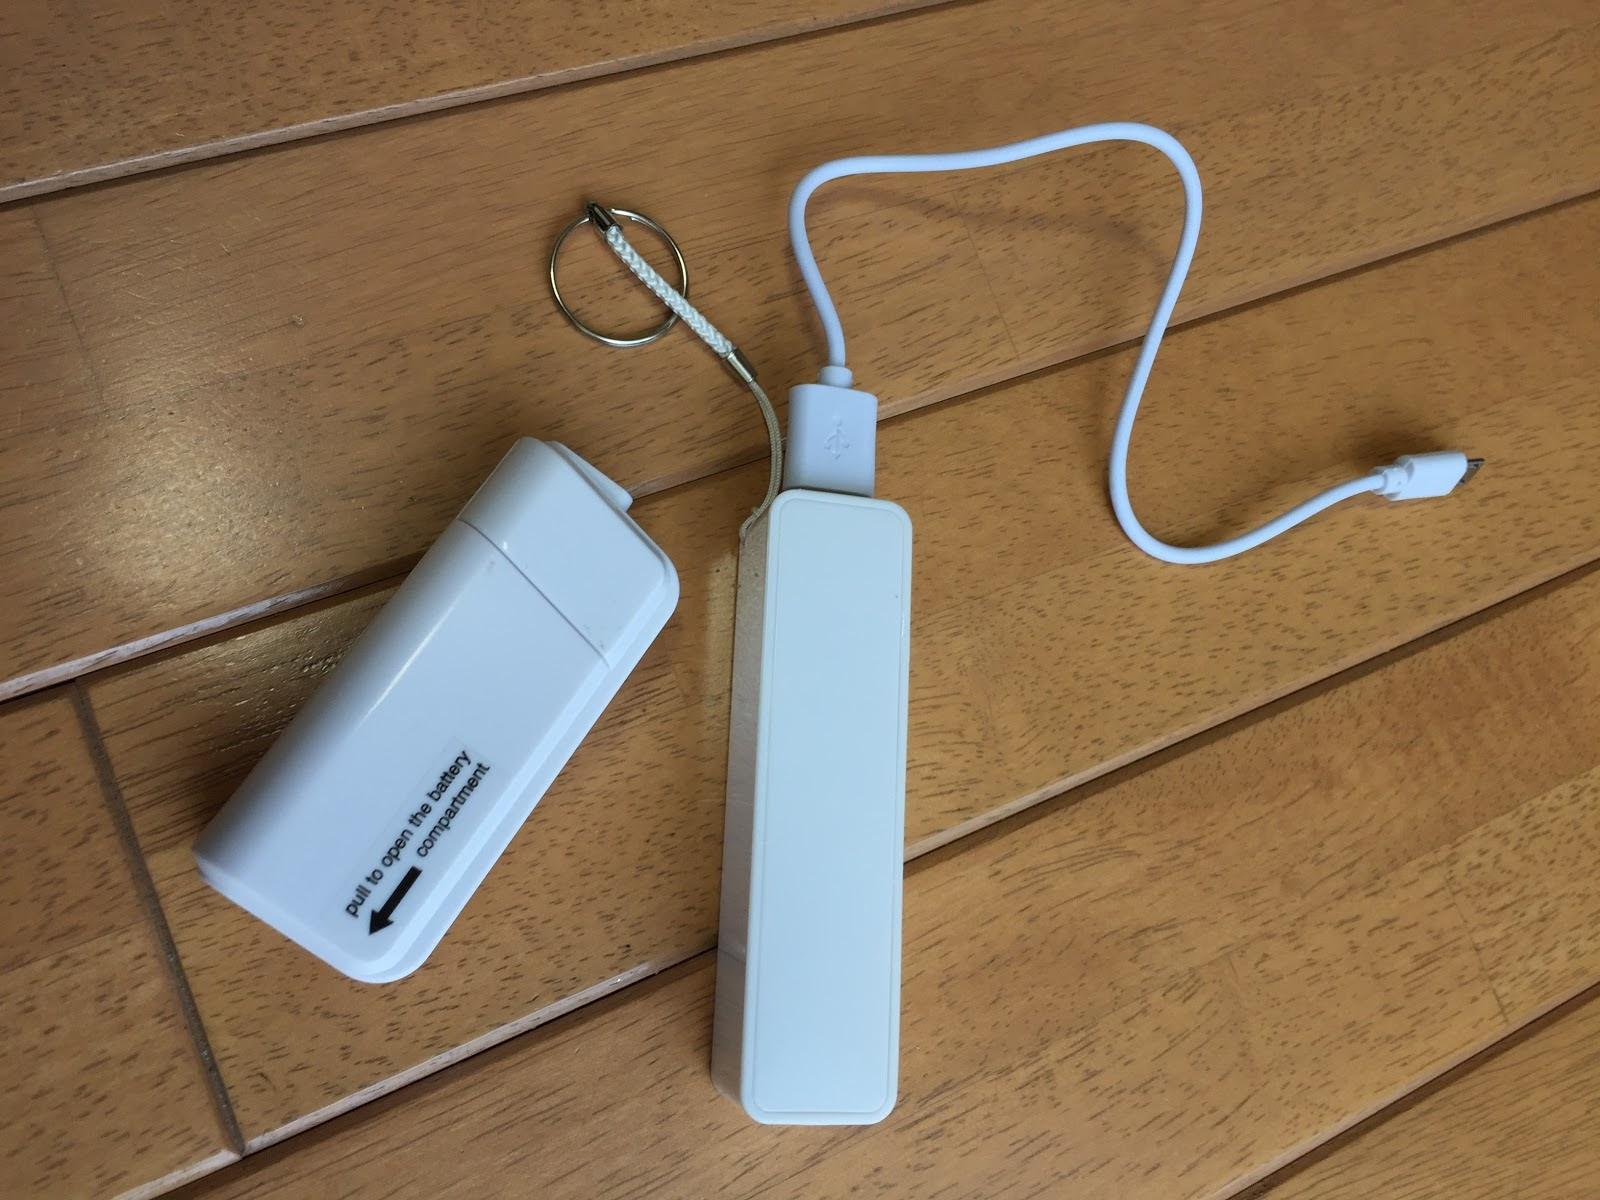 ダイソー300円モバイルバッテリー